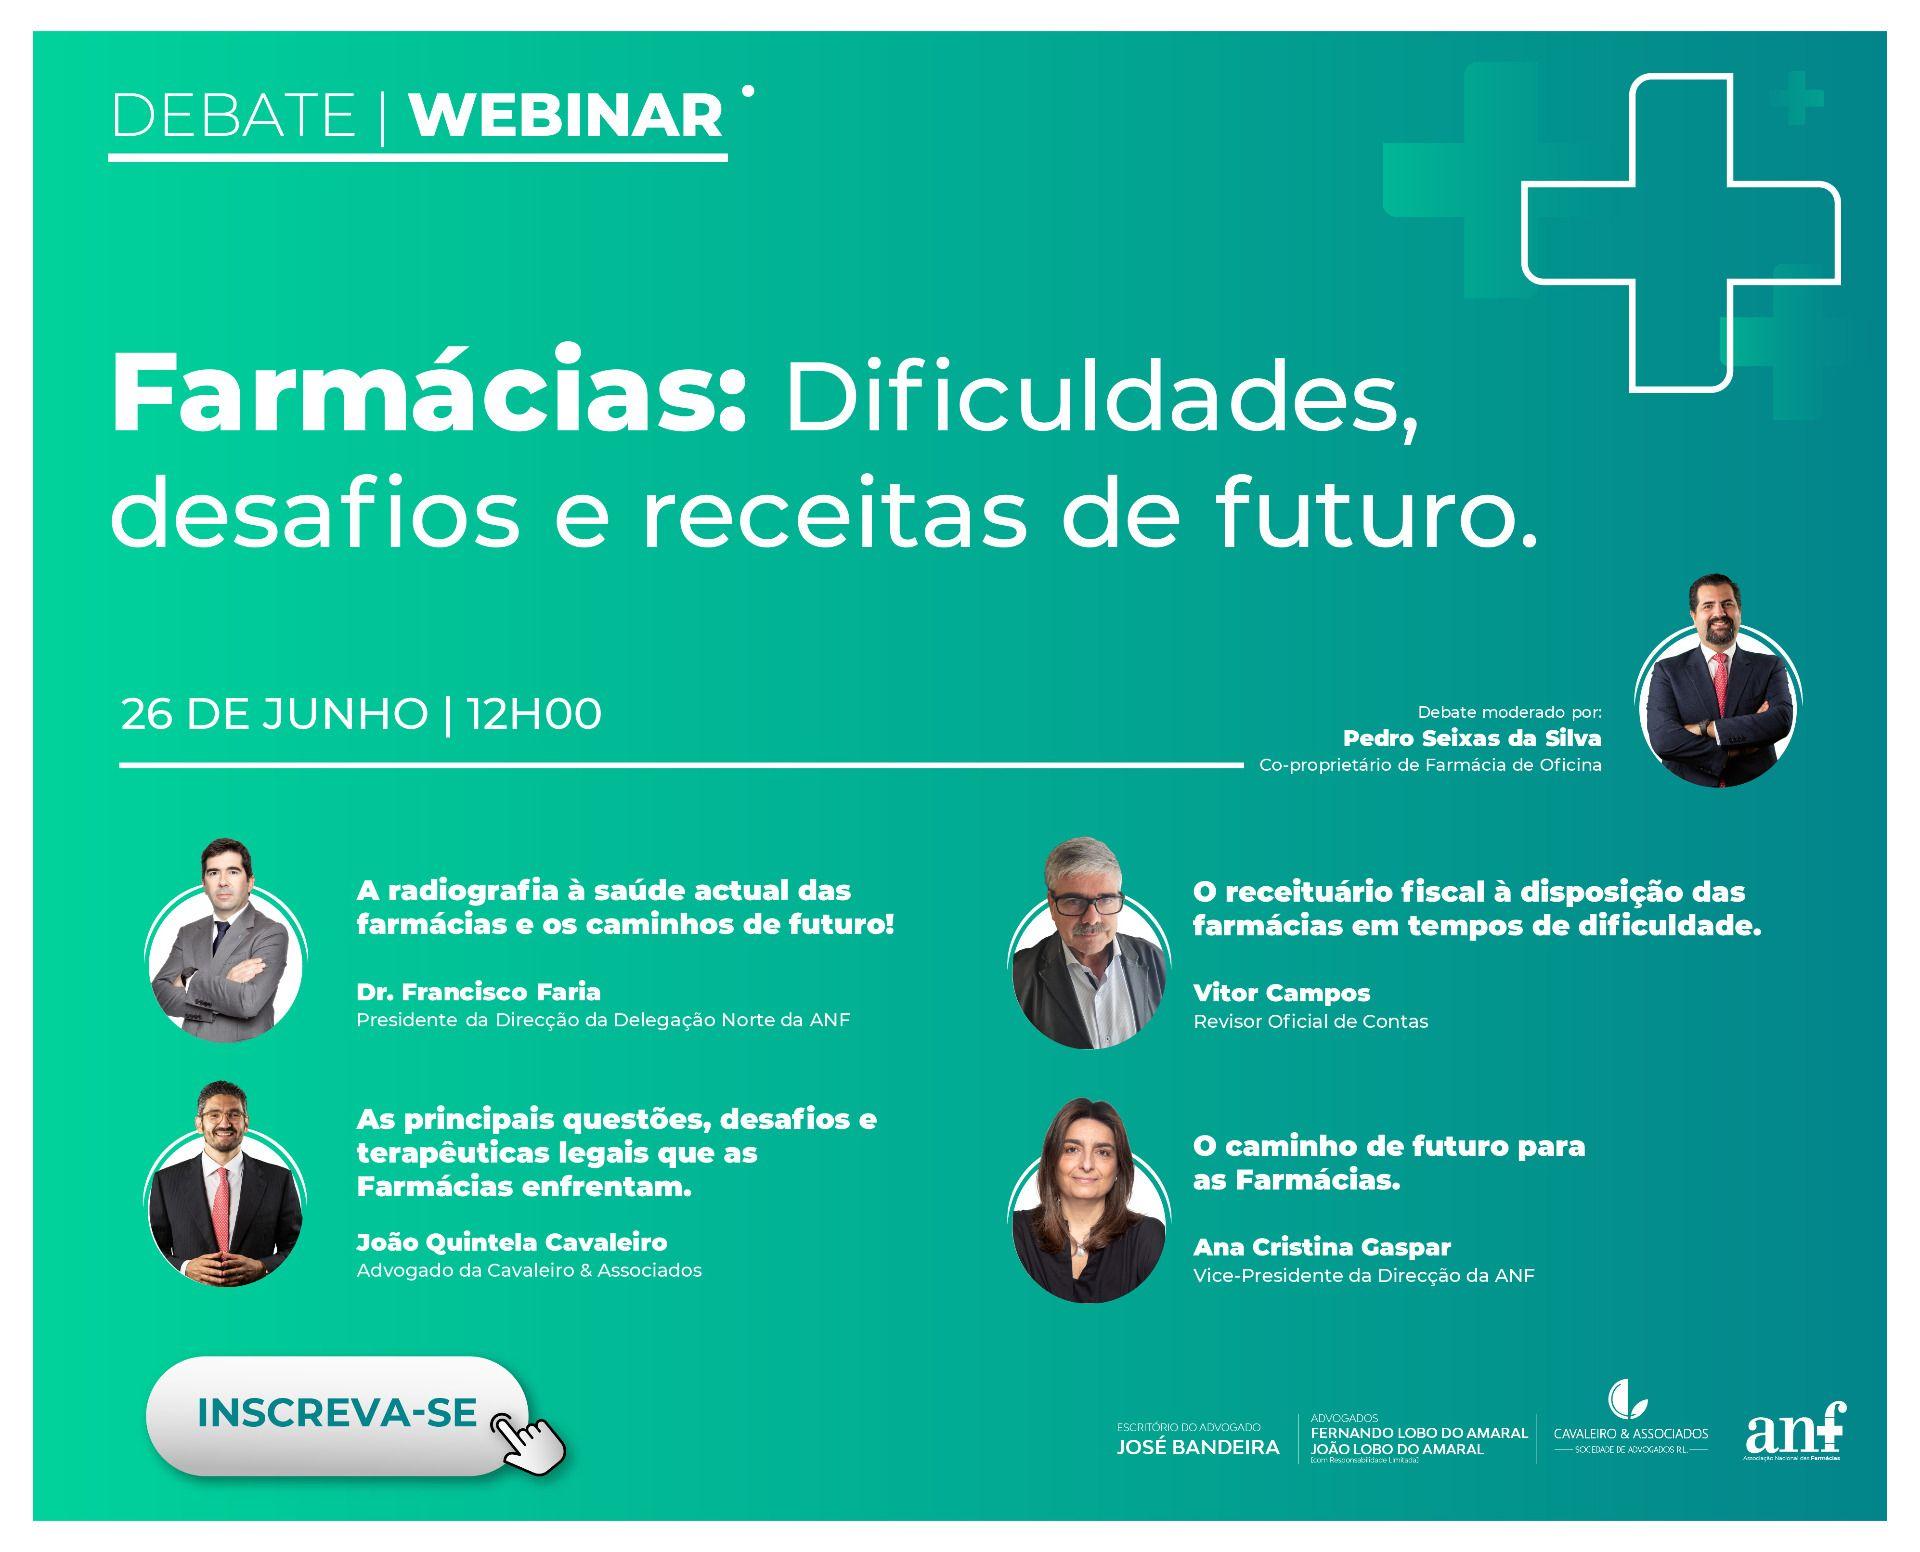 Webinar I Farmácias: Dificuldades, desafios e receitas de futuro